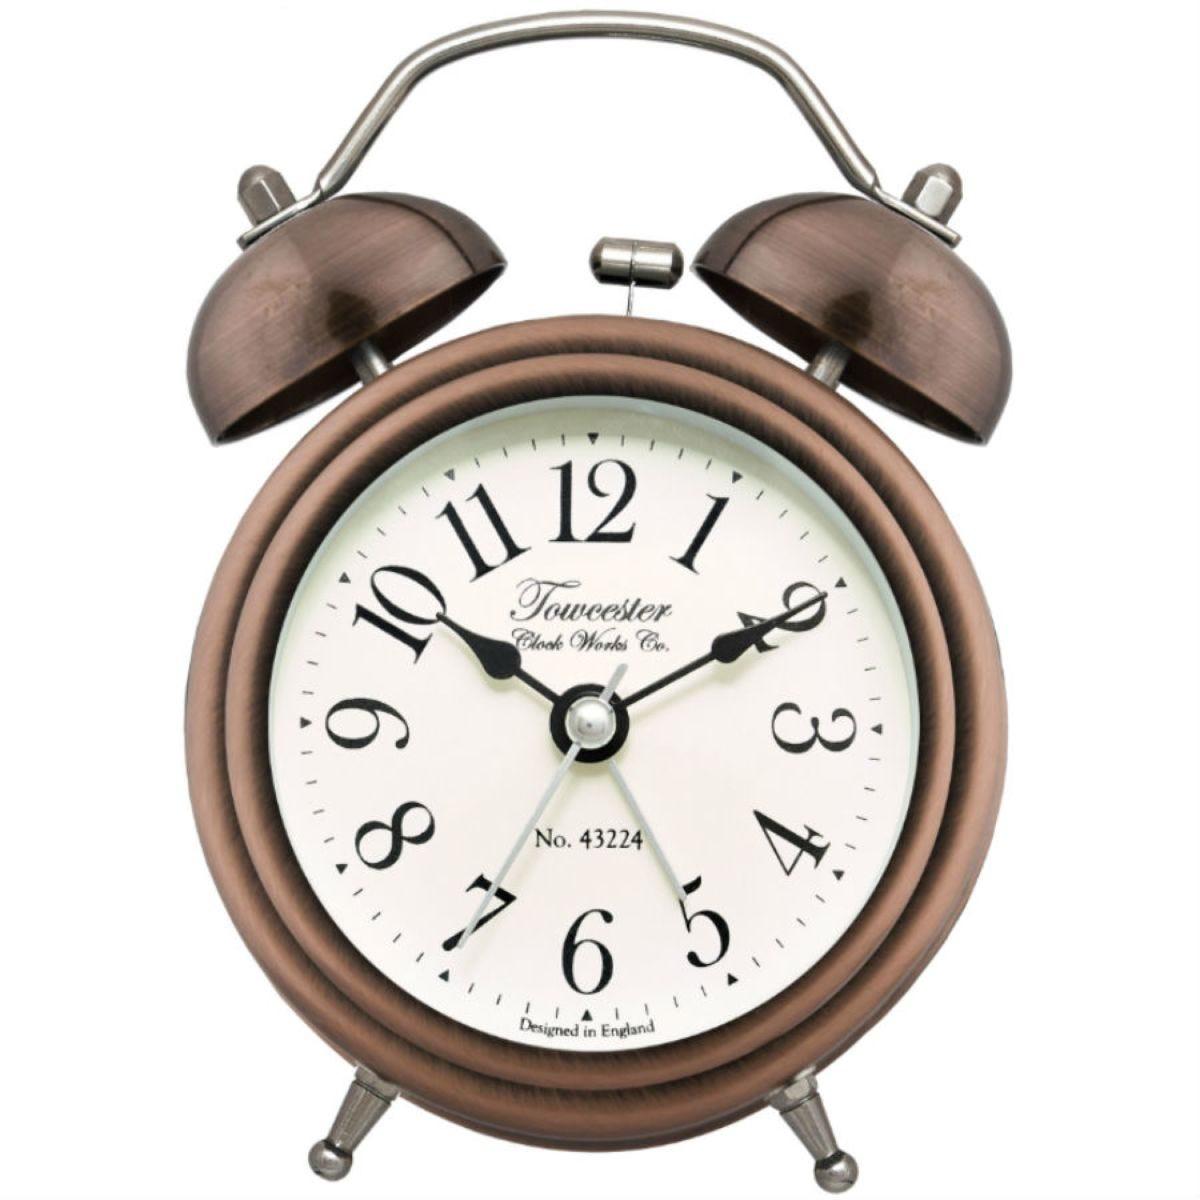 Acctim Pembridge Antique Brass Double Bell Alarm Clock